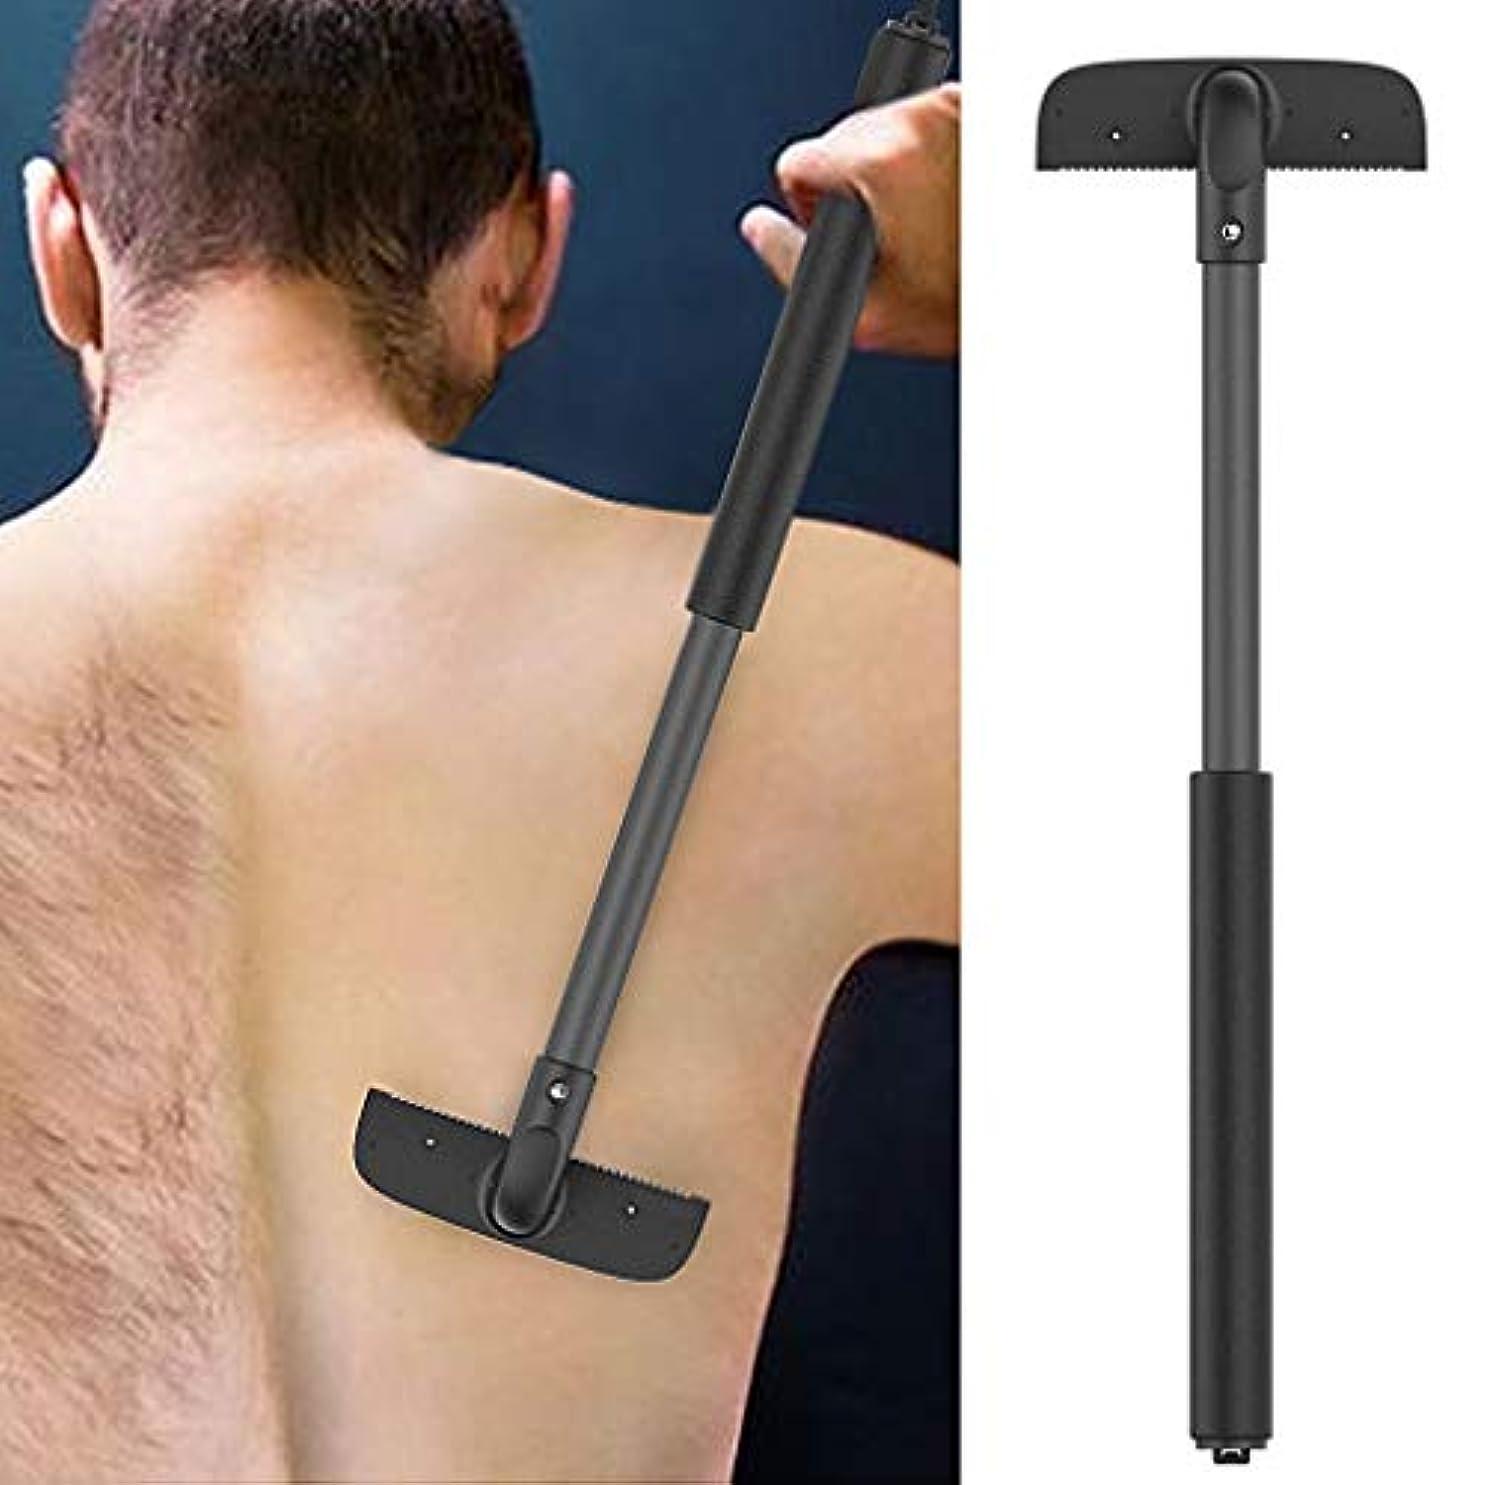 モンスター翻訳者程度Back Hair Removal And Body Shaver、バックヘアとボディシェーバー、男性のための剃刀、調節可能なハンドル、伸縮可能なトリマー剃刀脱毛装置 除毛 ムダ毛処理